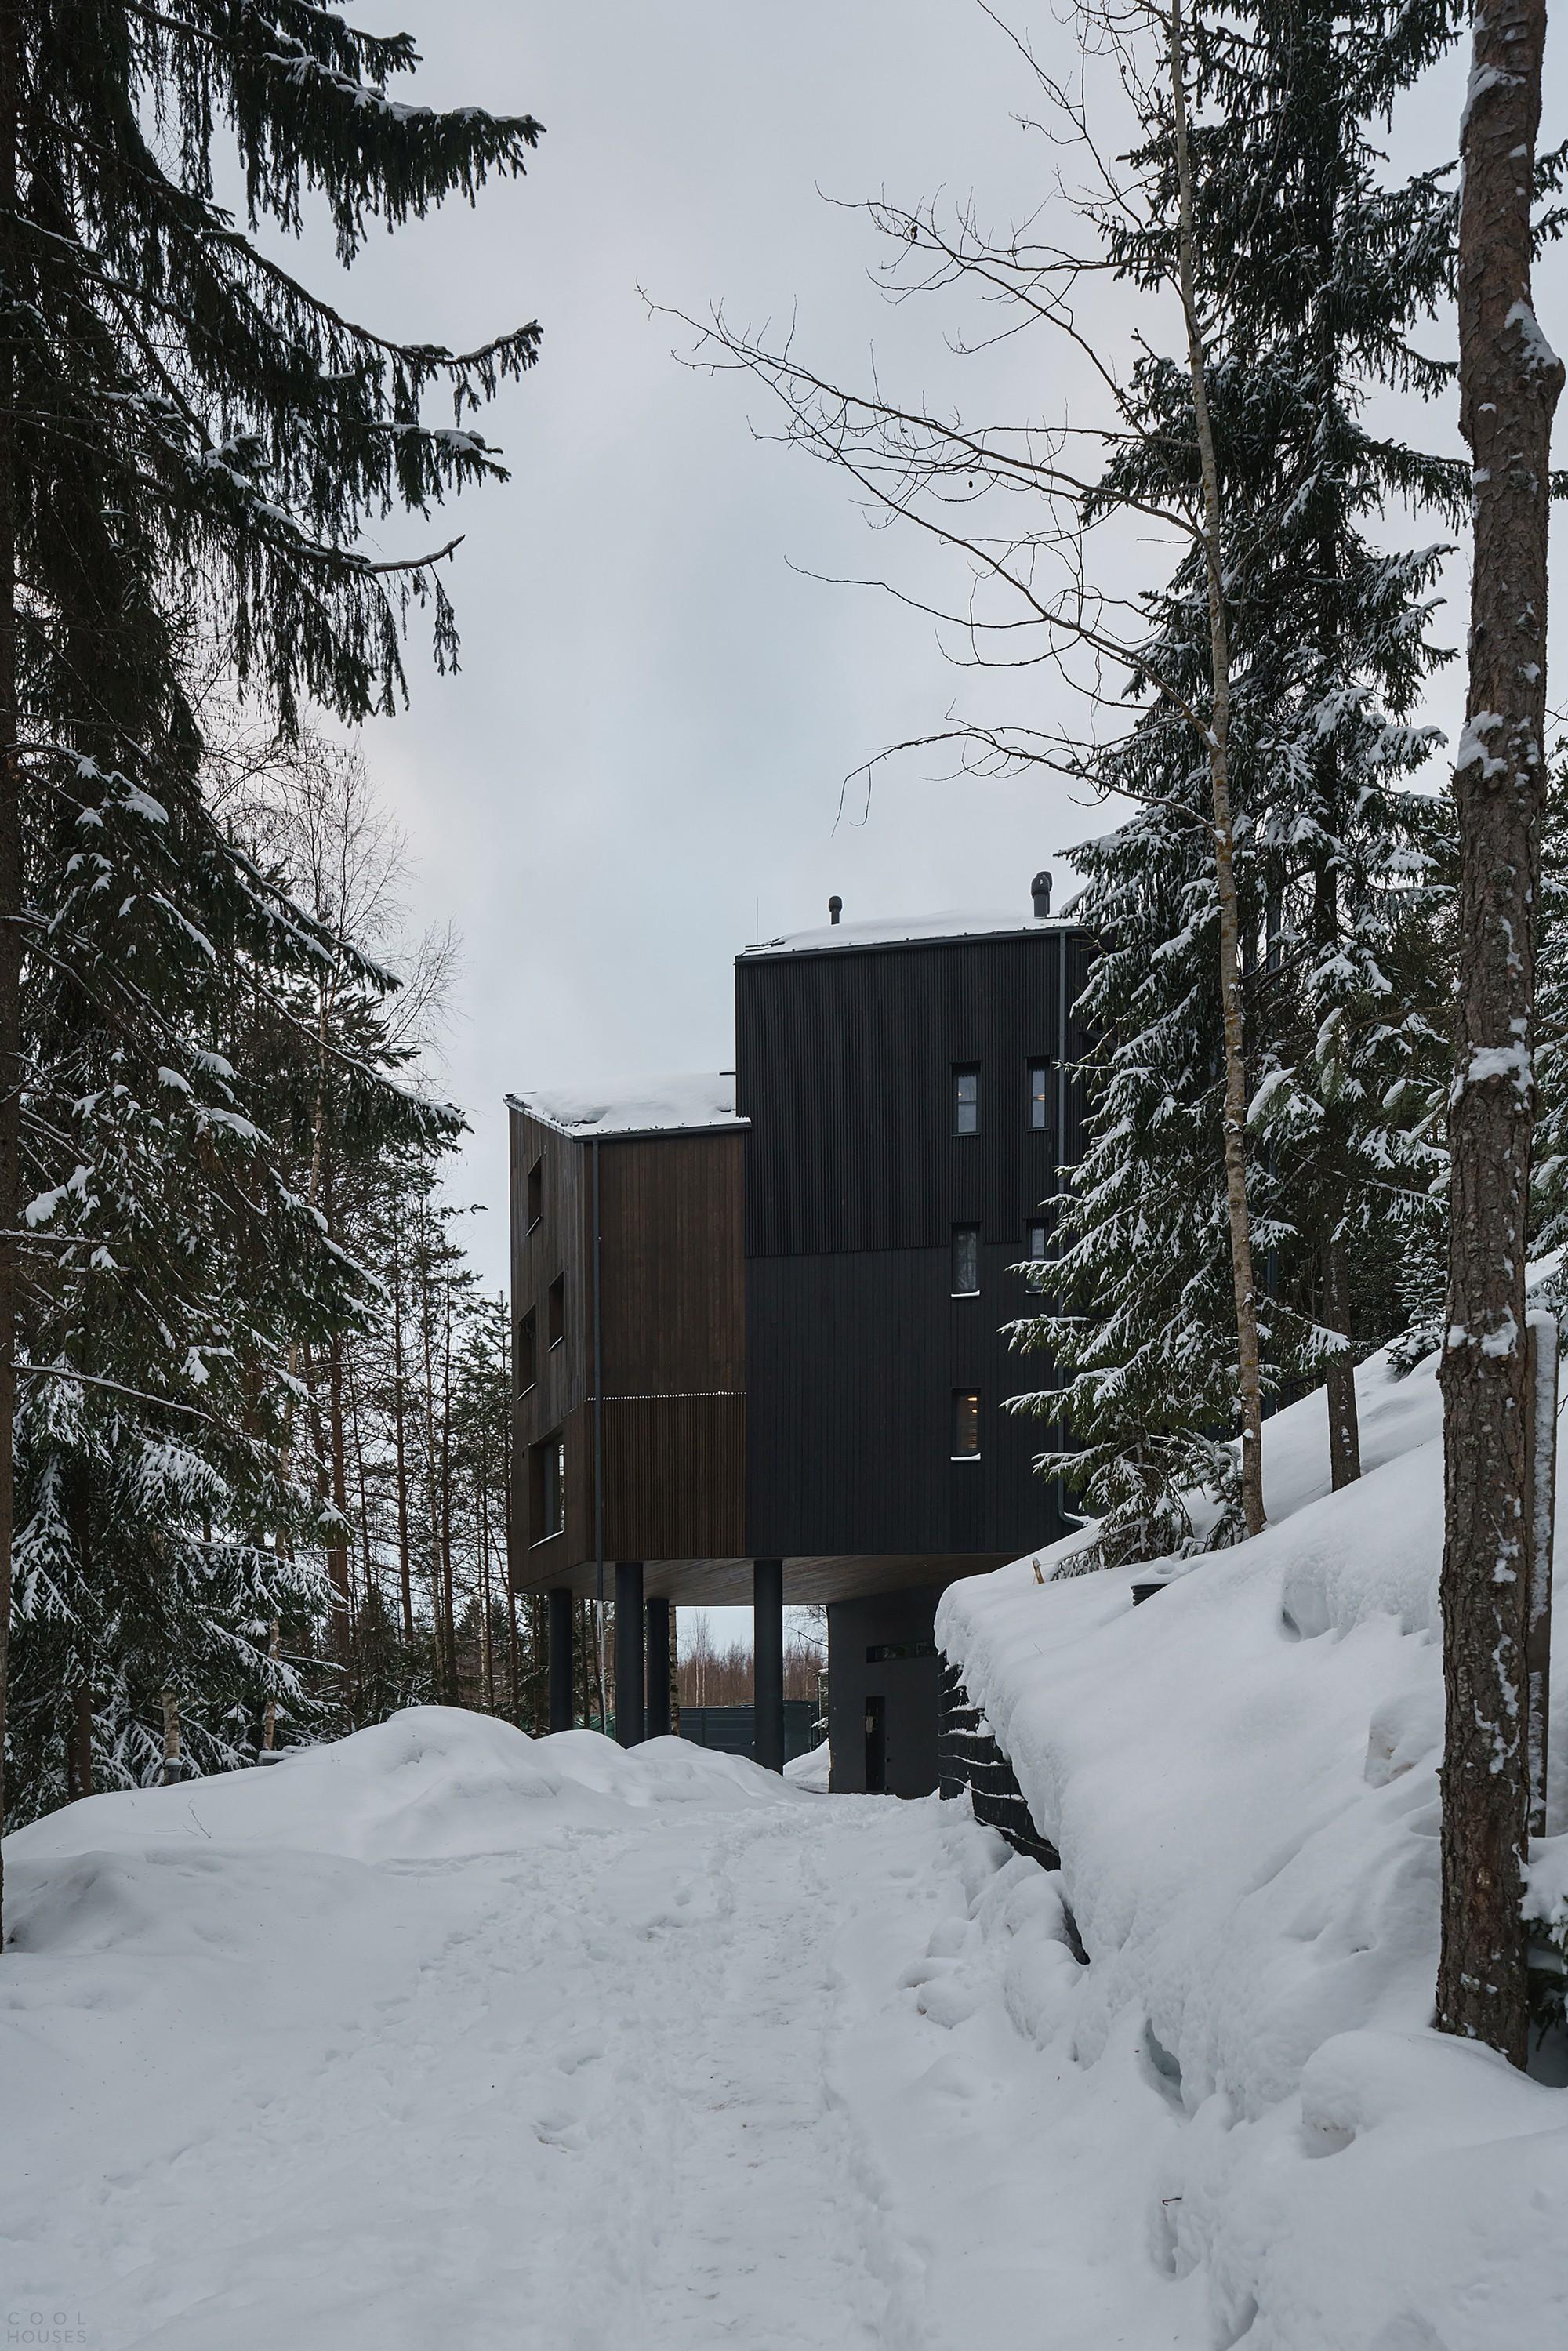 Каркасный дом с темными деревянными фасадами в лесном ландшафте